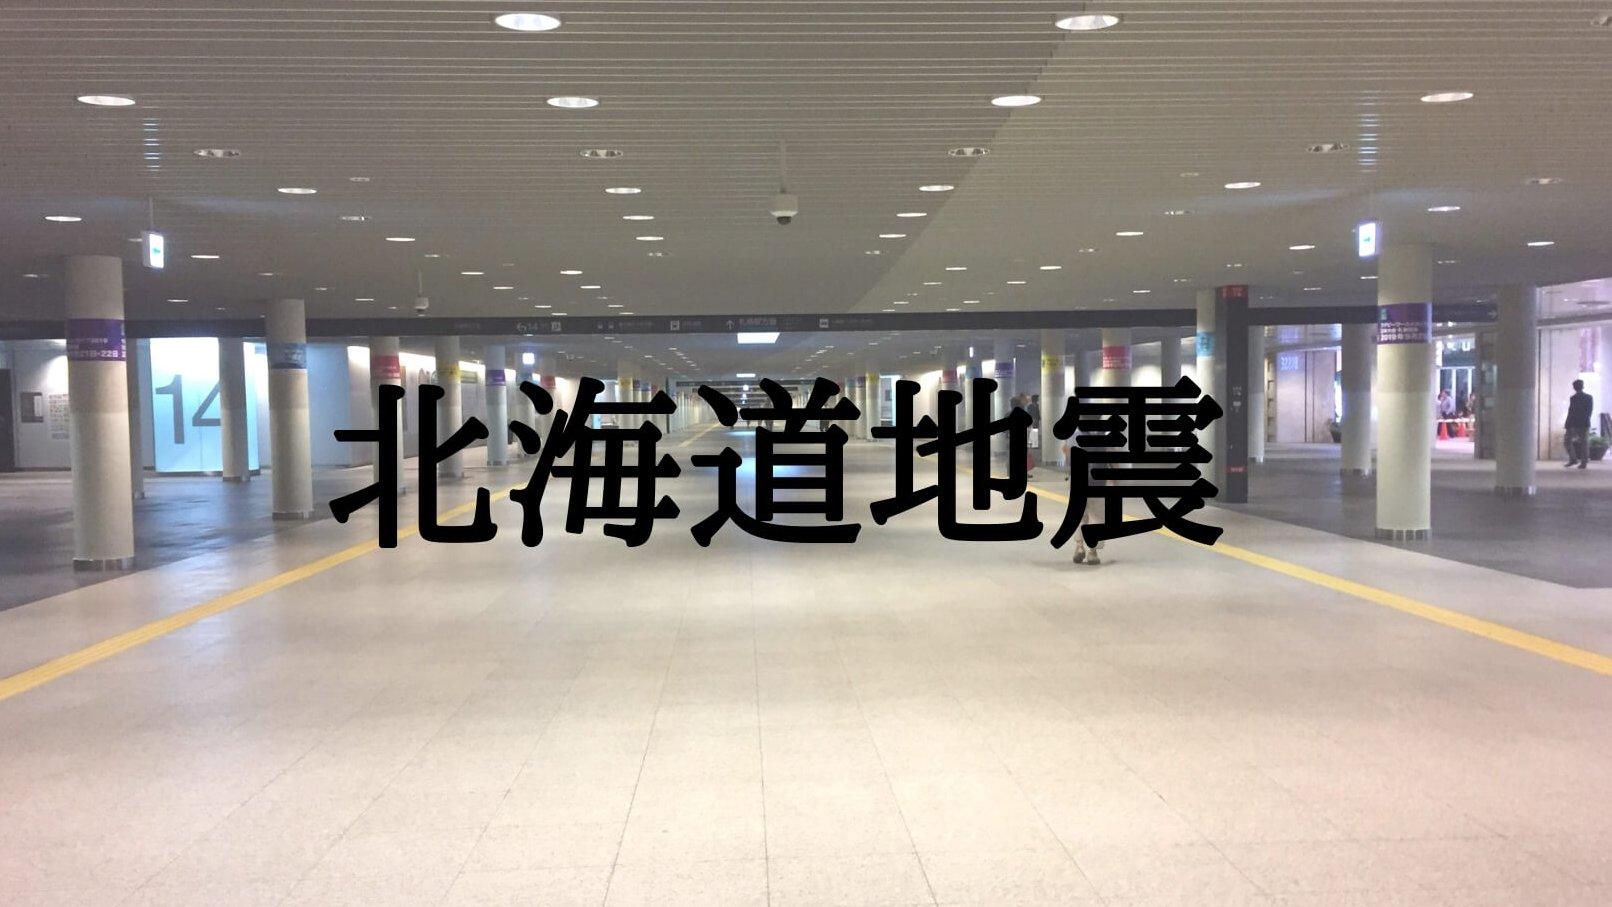 【北海道地震】停電から電気復旧までの38時間の私の生活